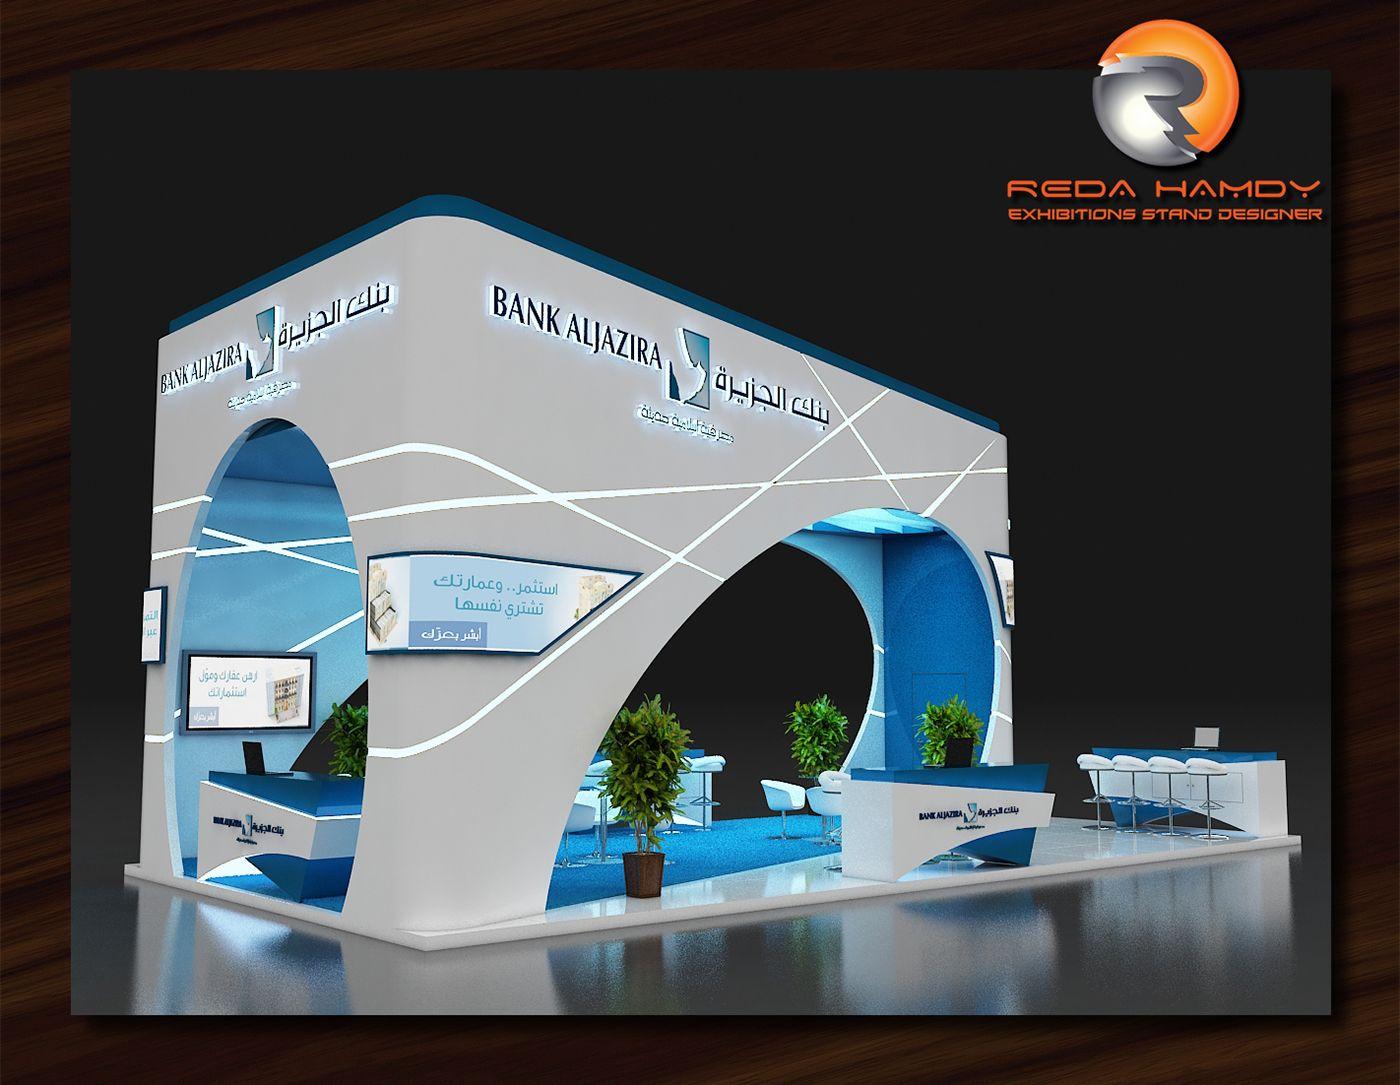 Bank Aljazira On Behance Exhibition Booth Design Booth Design Exhibition Booth